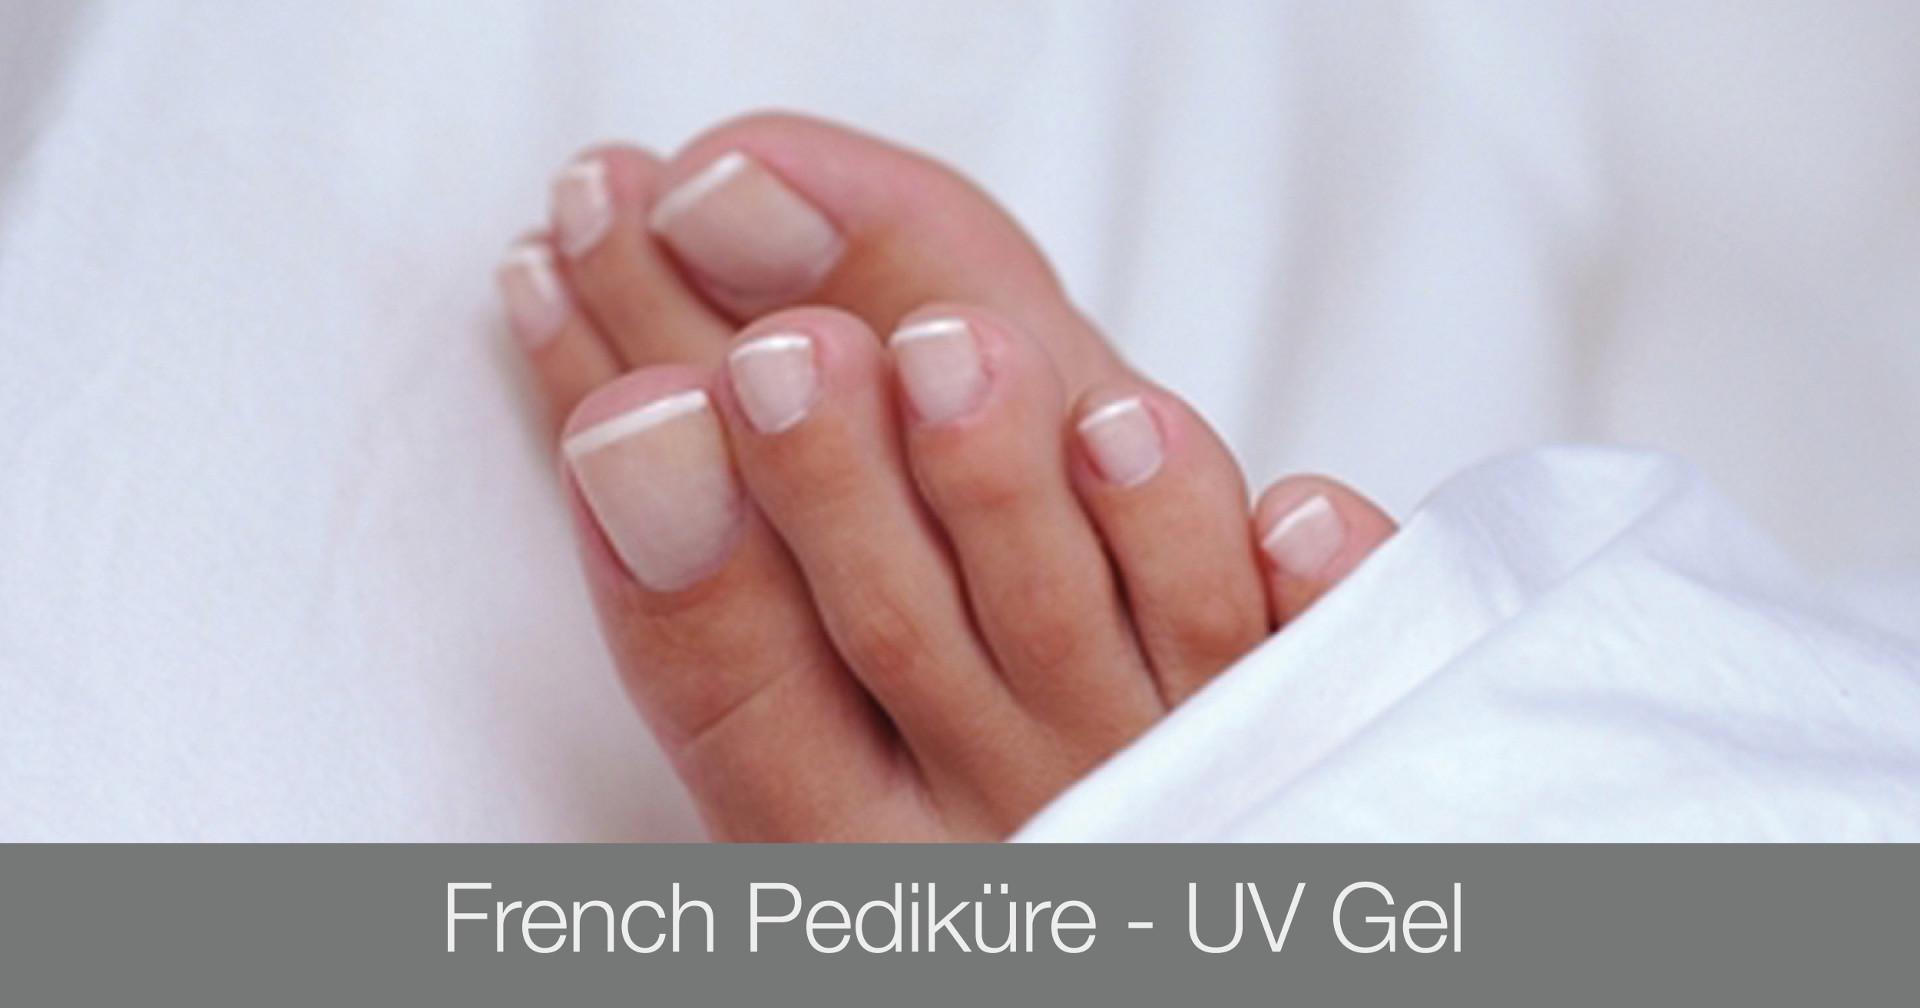 Ausbildung Fußpflege - French Pediküre - Kosmetikschule Schäfer